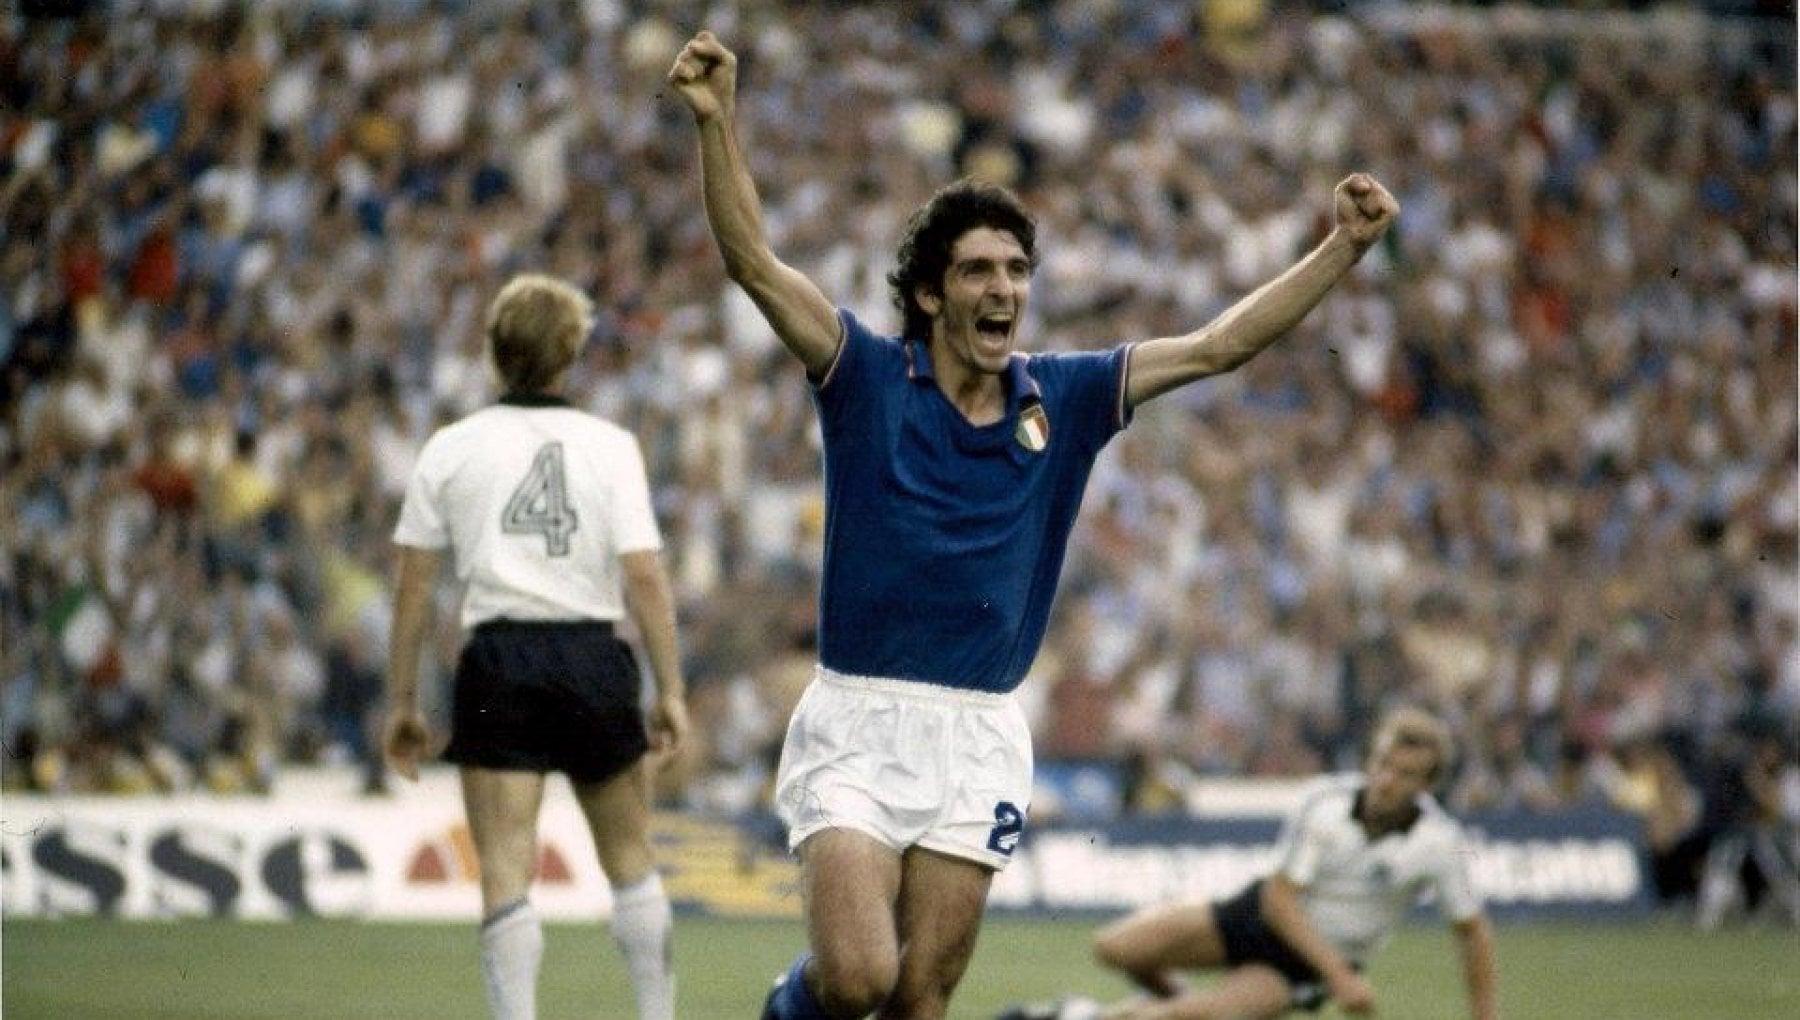 Paolo Rossi e la sua biografia Ho fatto piangere il Brasile